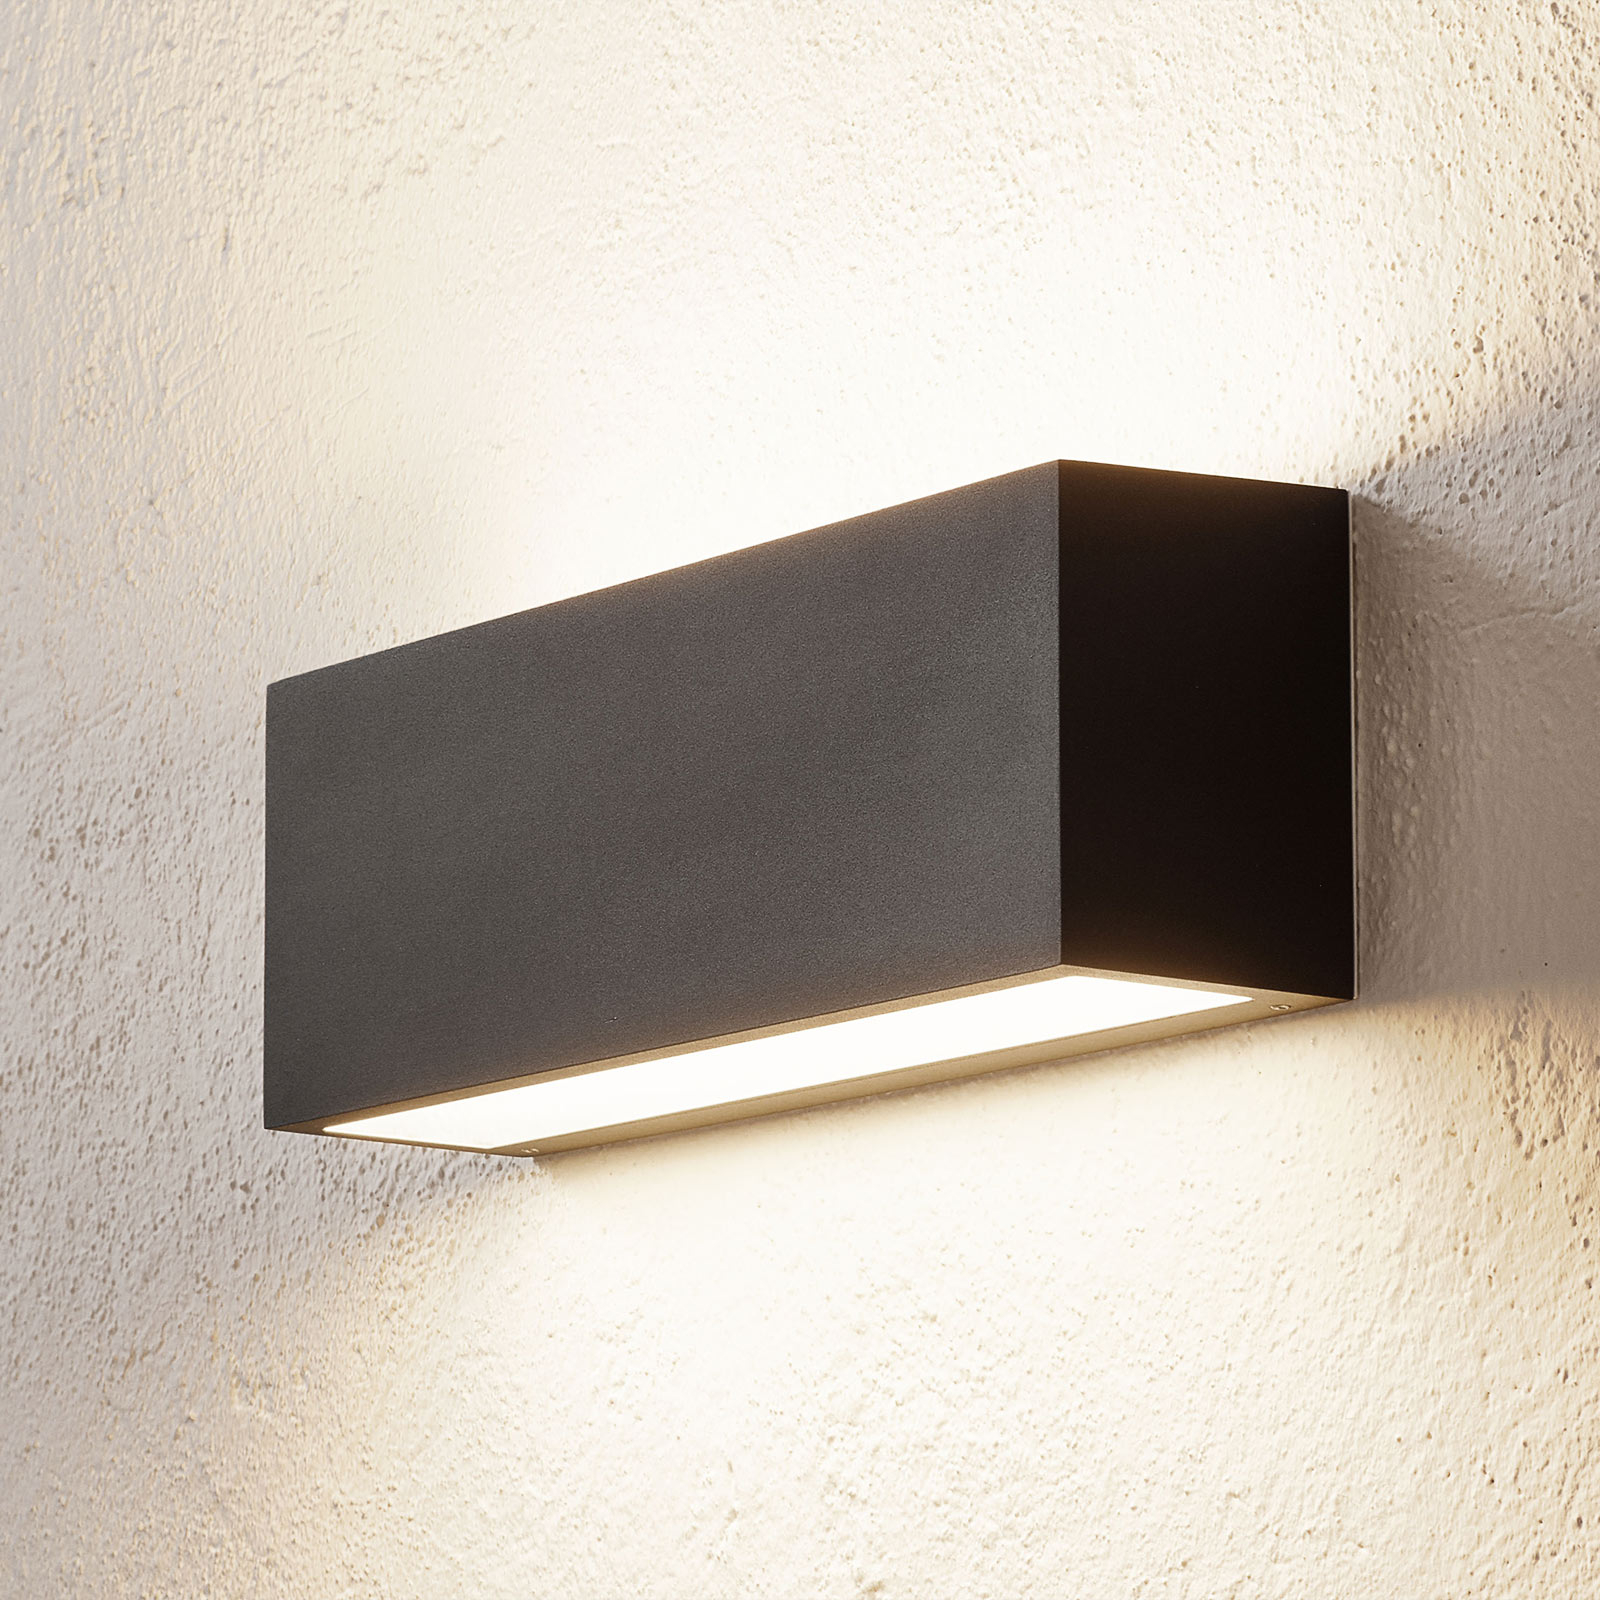 BEGA 50147 applique LED DALI, 32cm, noir velouté